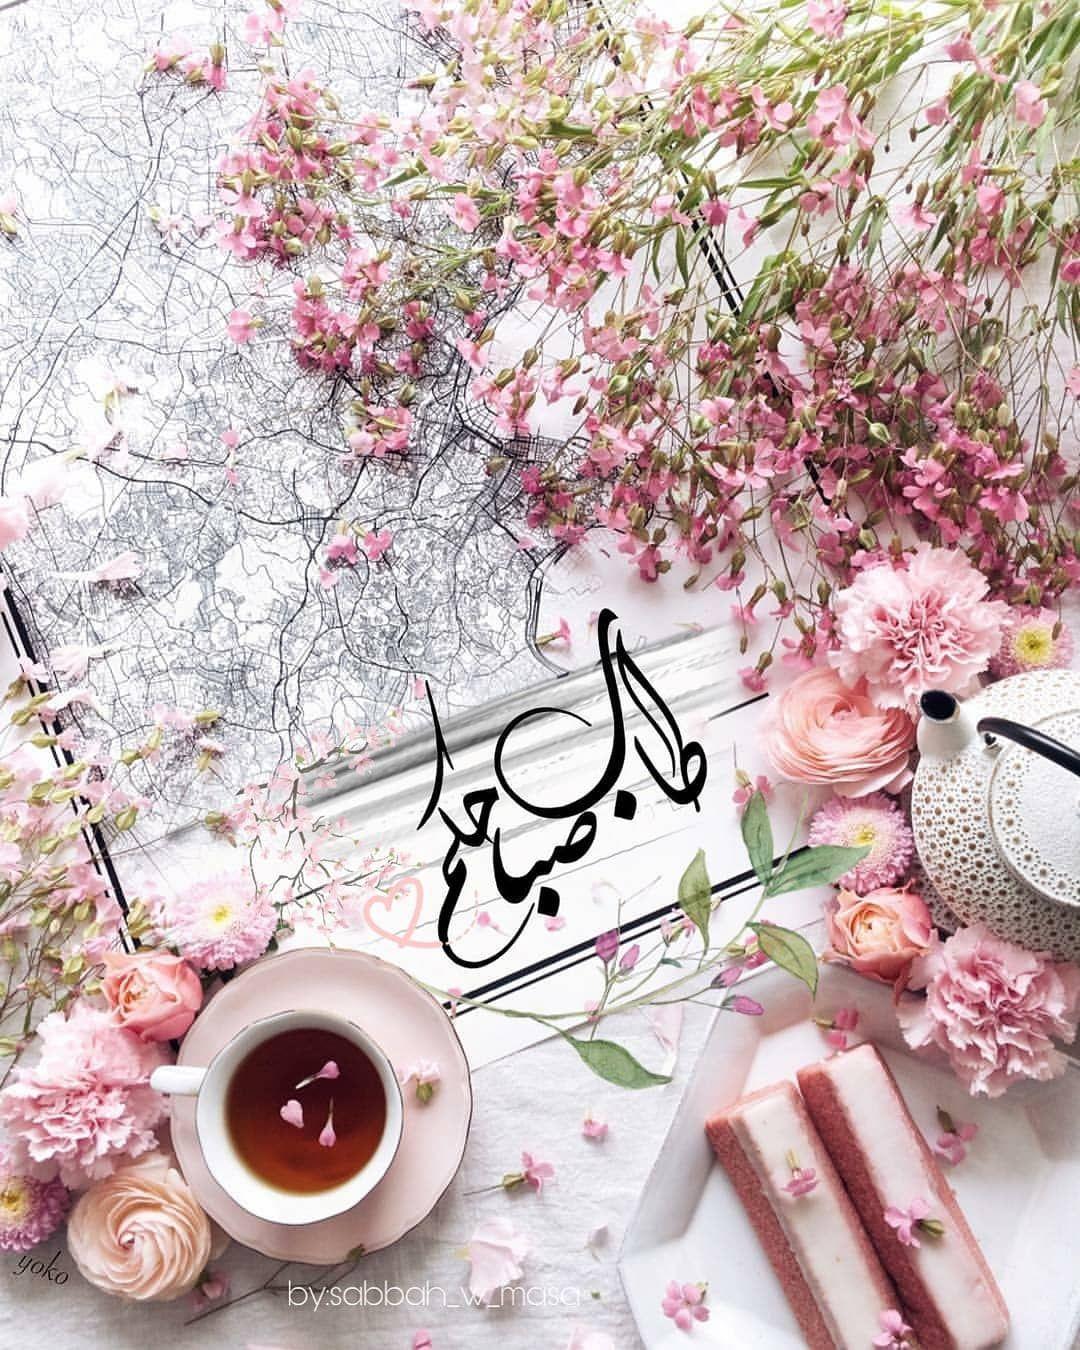 صبح و مساء On Instagram صباح الخيرات والمسرات صباح الورد صباح Good Morning Flowers Beautiful Morning Messages Beautiful Morning